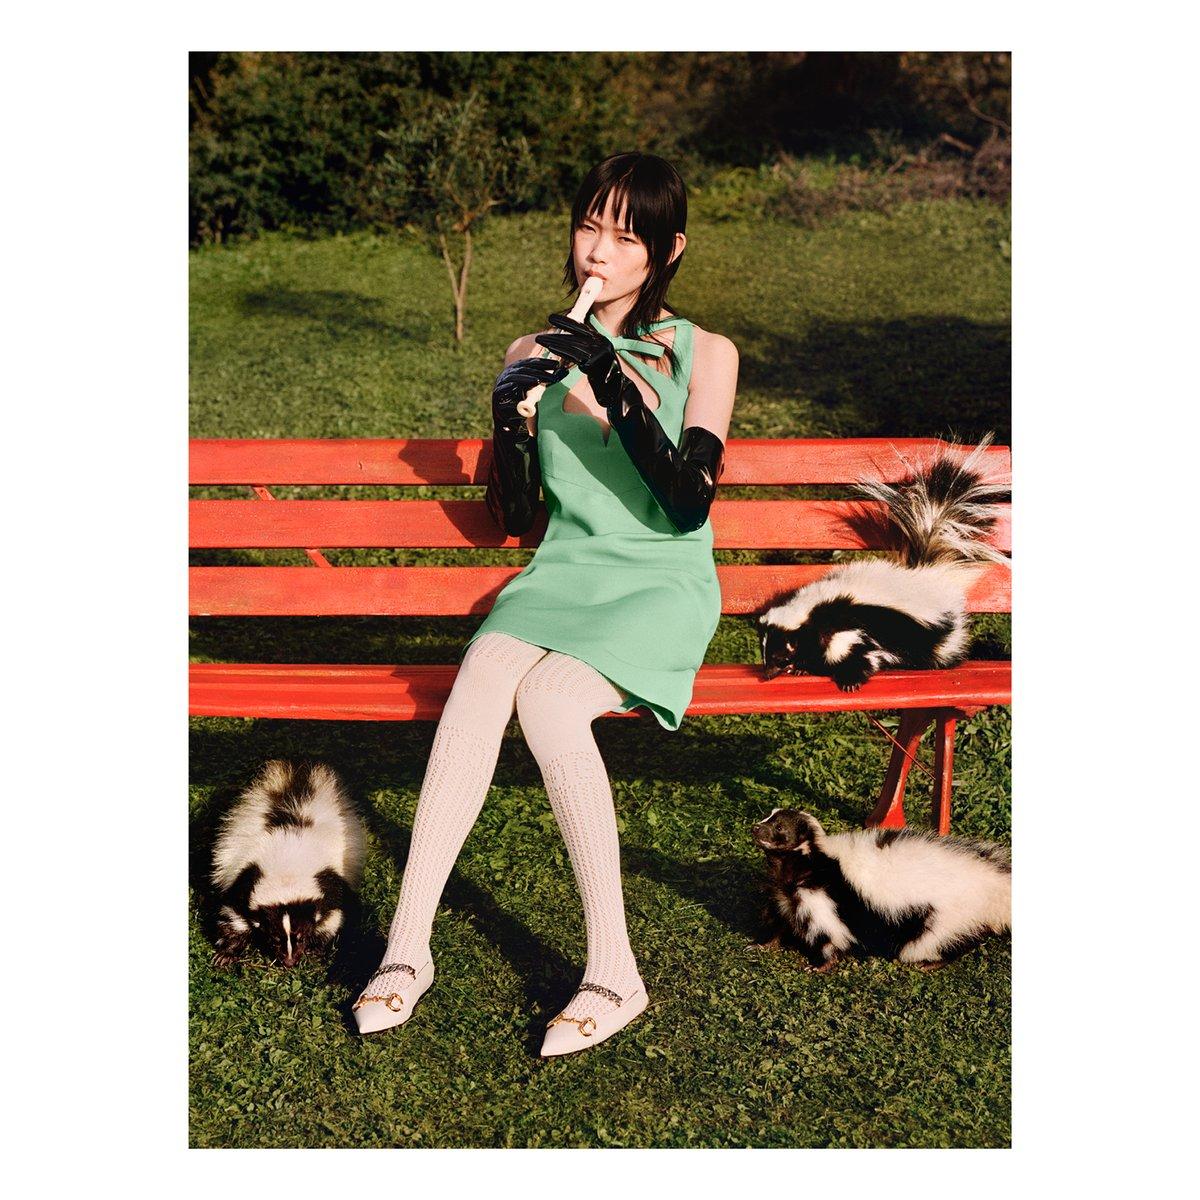 #GucciPreFall20 コレクションの広告キャンペーン #SoDeerToMe では、昔のおとぎ話やアニメのように、モデルたちがそれぞれのスピリットアニマルと楽しげに対話しています。 https://t.co/9HGtxIYKF6 #AlessandroMichele https://t.co/u21T3GHSE7